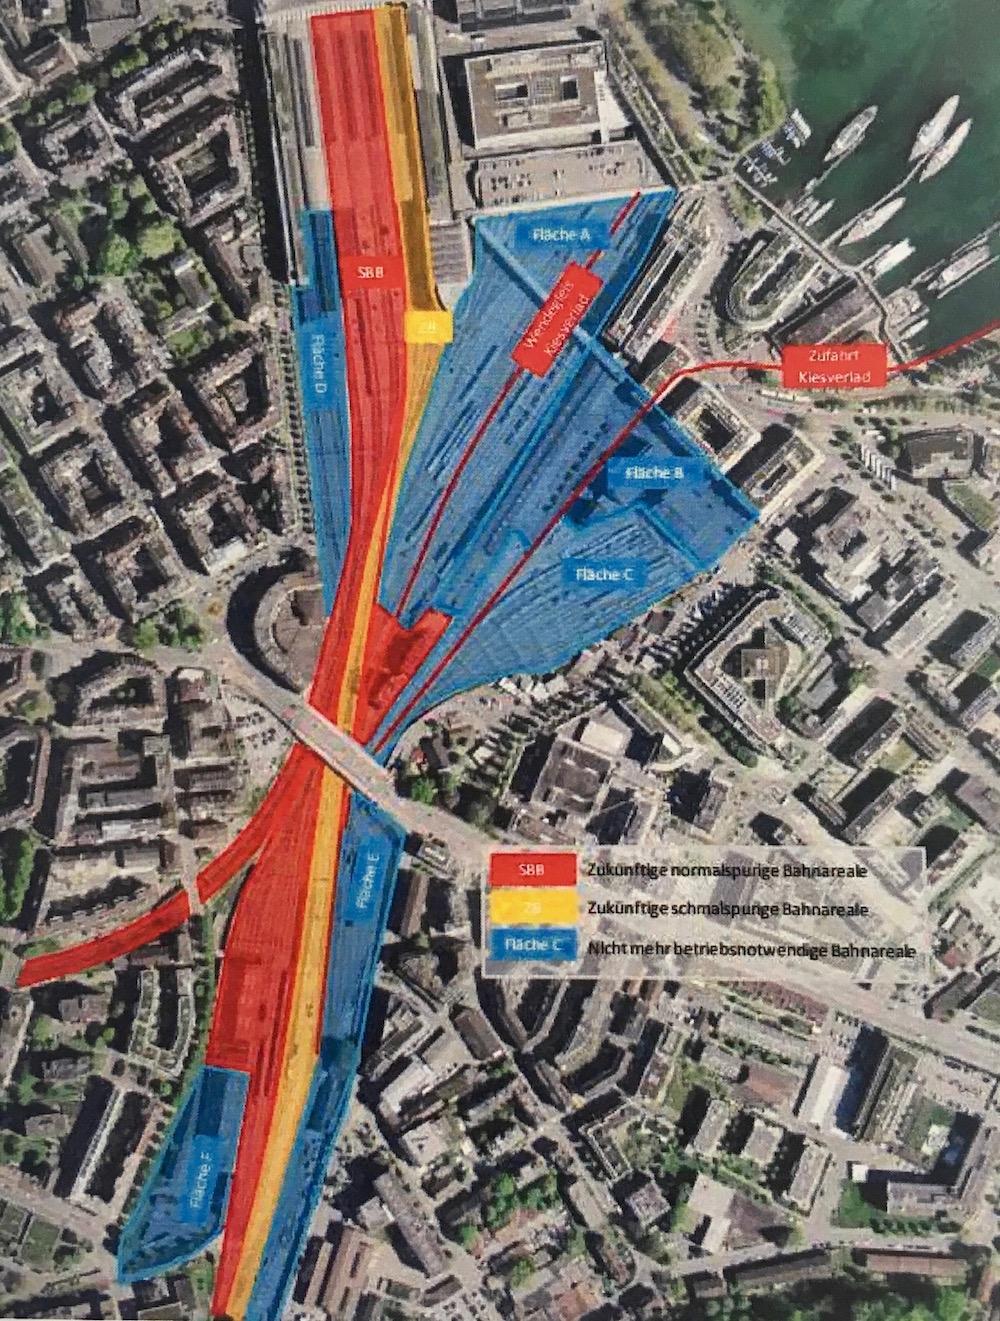 Mit einem Durchgangsbahnhof würde die SBB oberflächlich noch die rote Fläche nutzen und die Zentralbahn die gelbe. Was blau gefärbt ist, würde für die Stadtentwicklung frei.